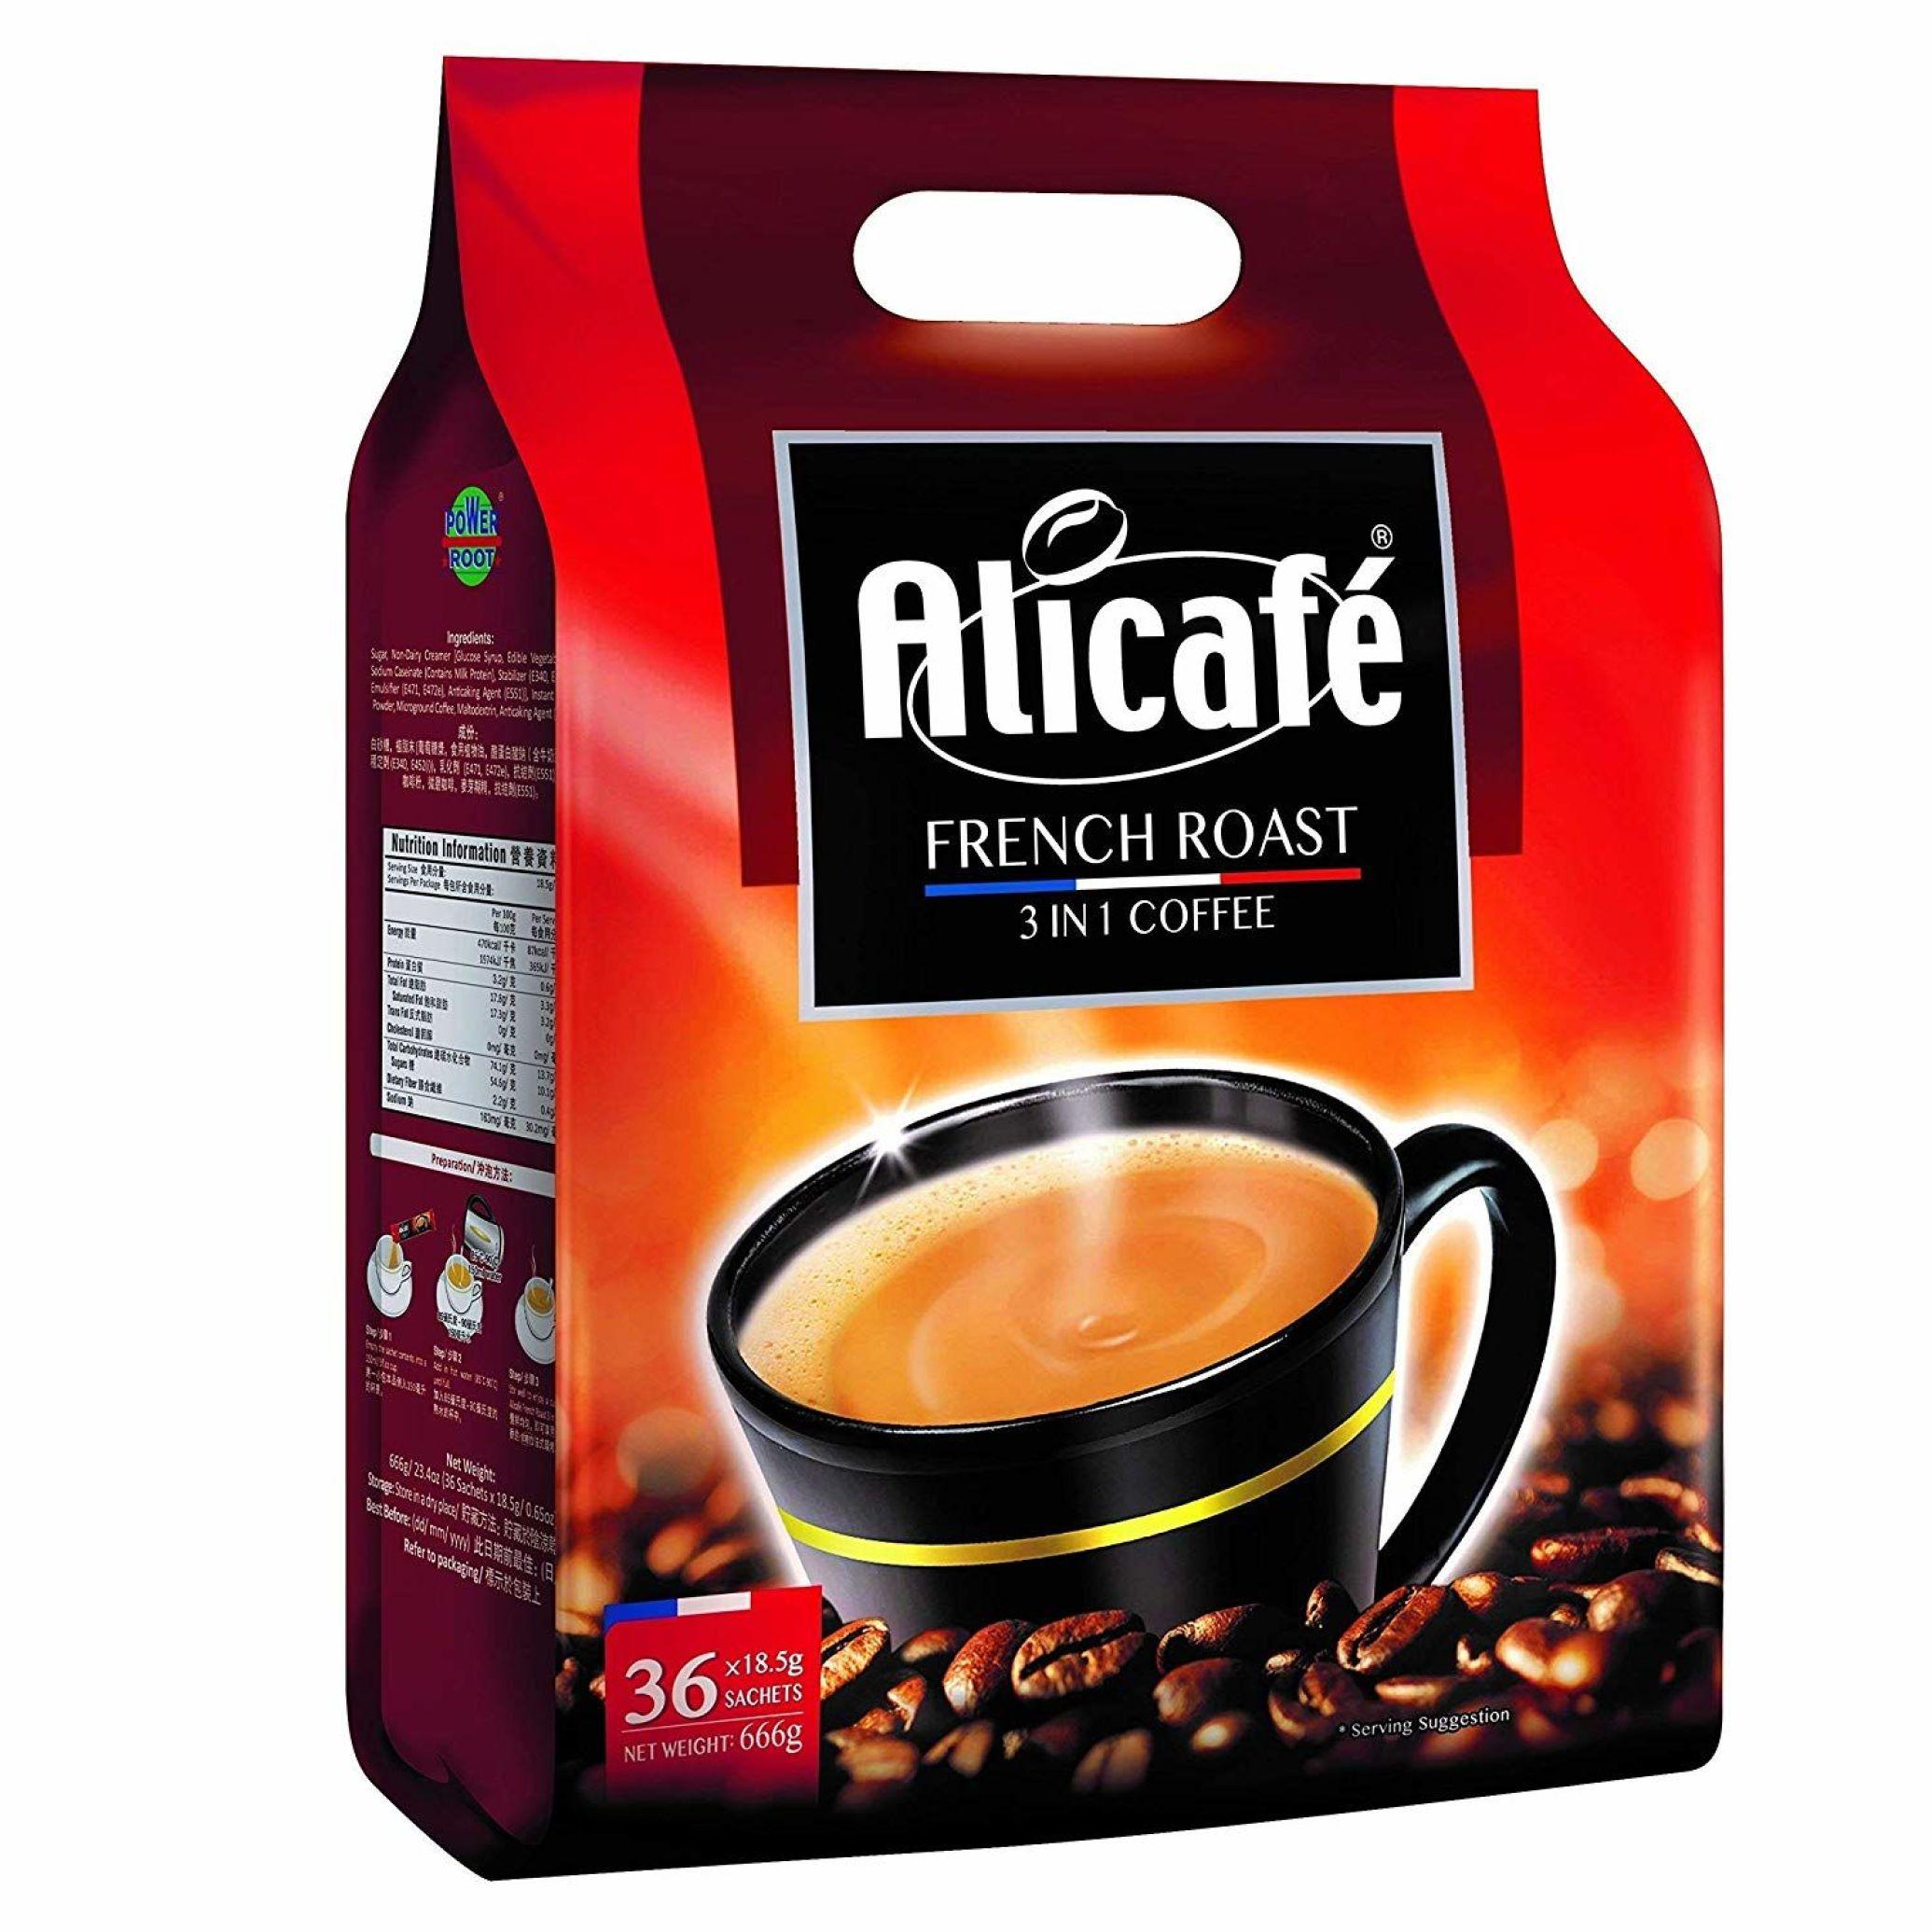 بسته 36 عددی پودر قهوه فوری علی کافه کلاسیک مدل فرنچ رست خرید اینترنتی قهوه دمنوش چای قوه های فوری هات چاکلت